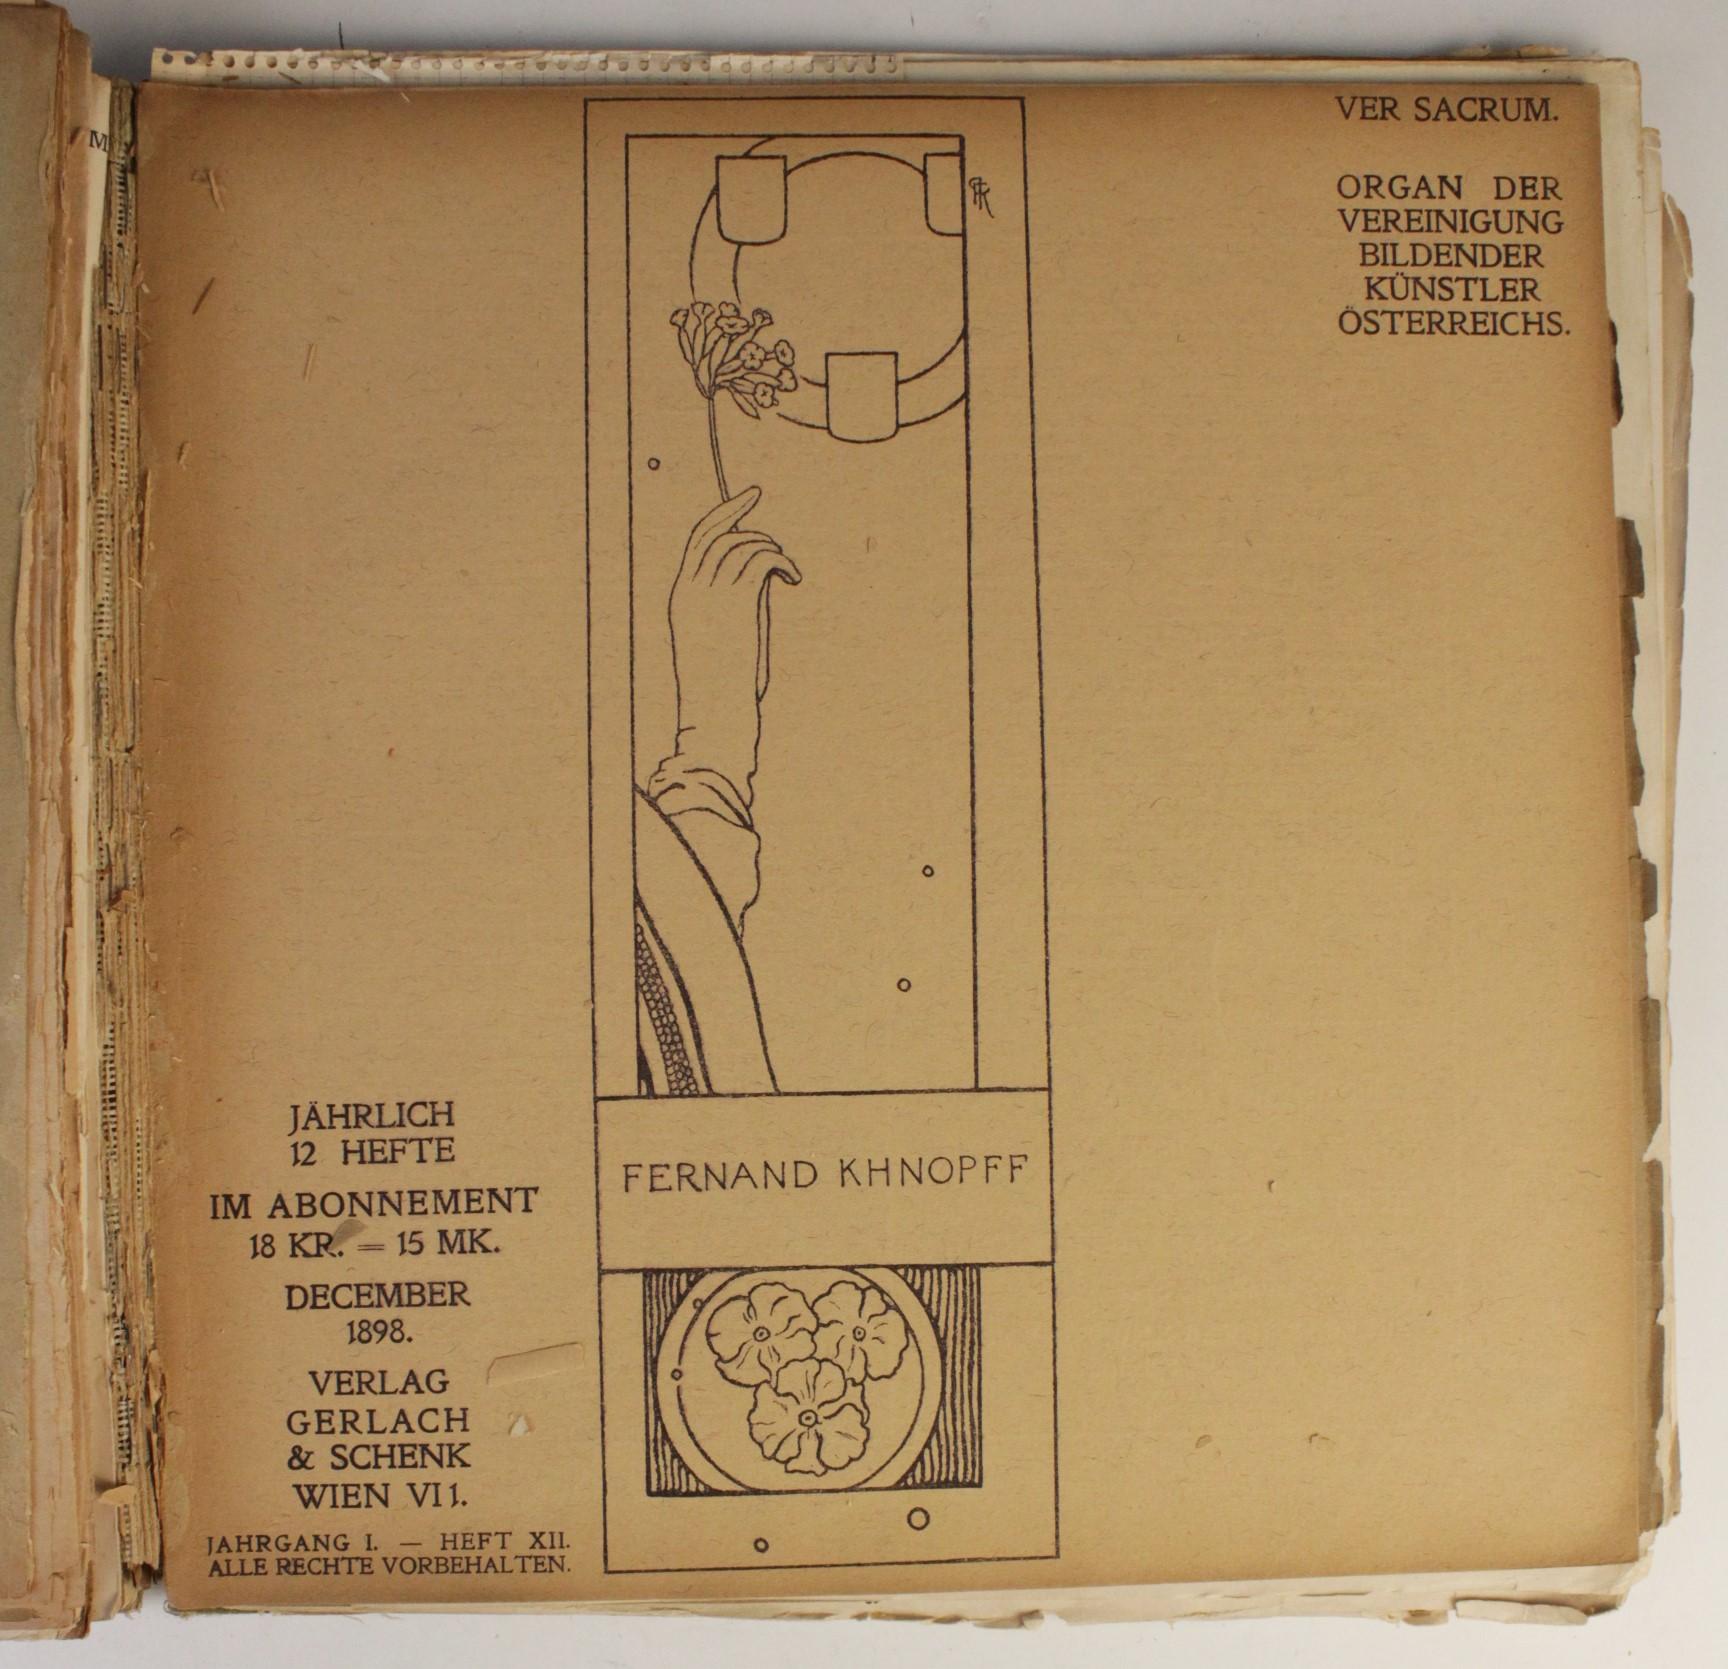 VER SACRUM, ORGAN DER JEREINIGUNG BILDENDER KUENSTLER OSTERREICHS [ORGAN OF THE PURIFICATION OF - Image 13 of 16